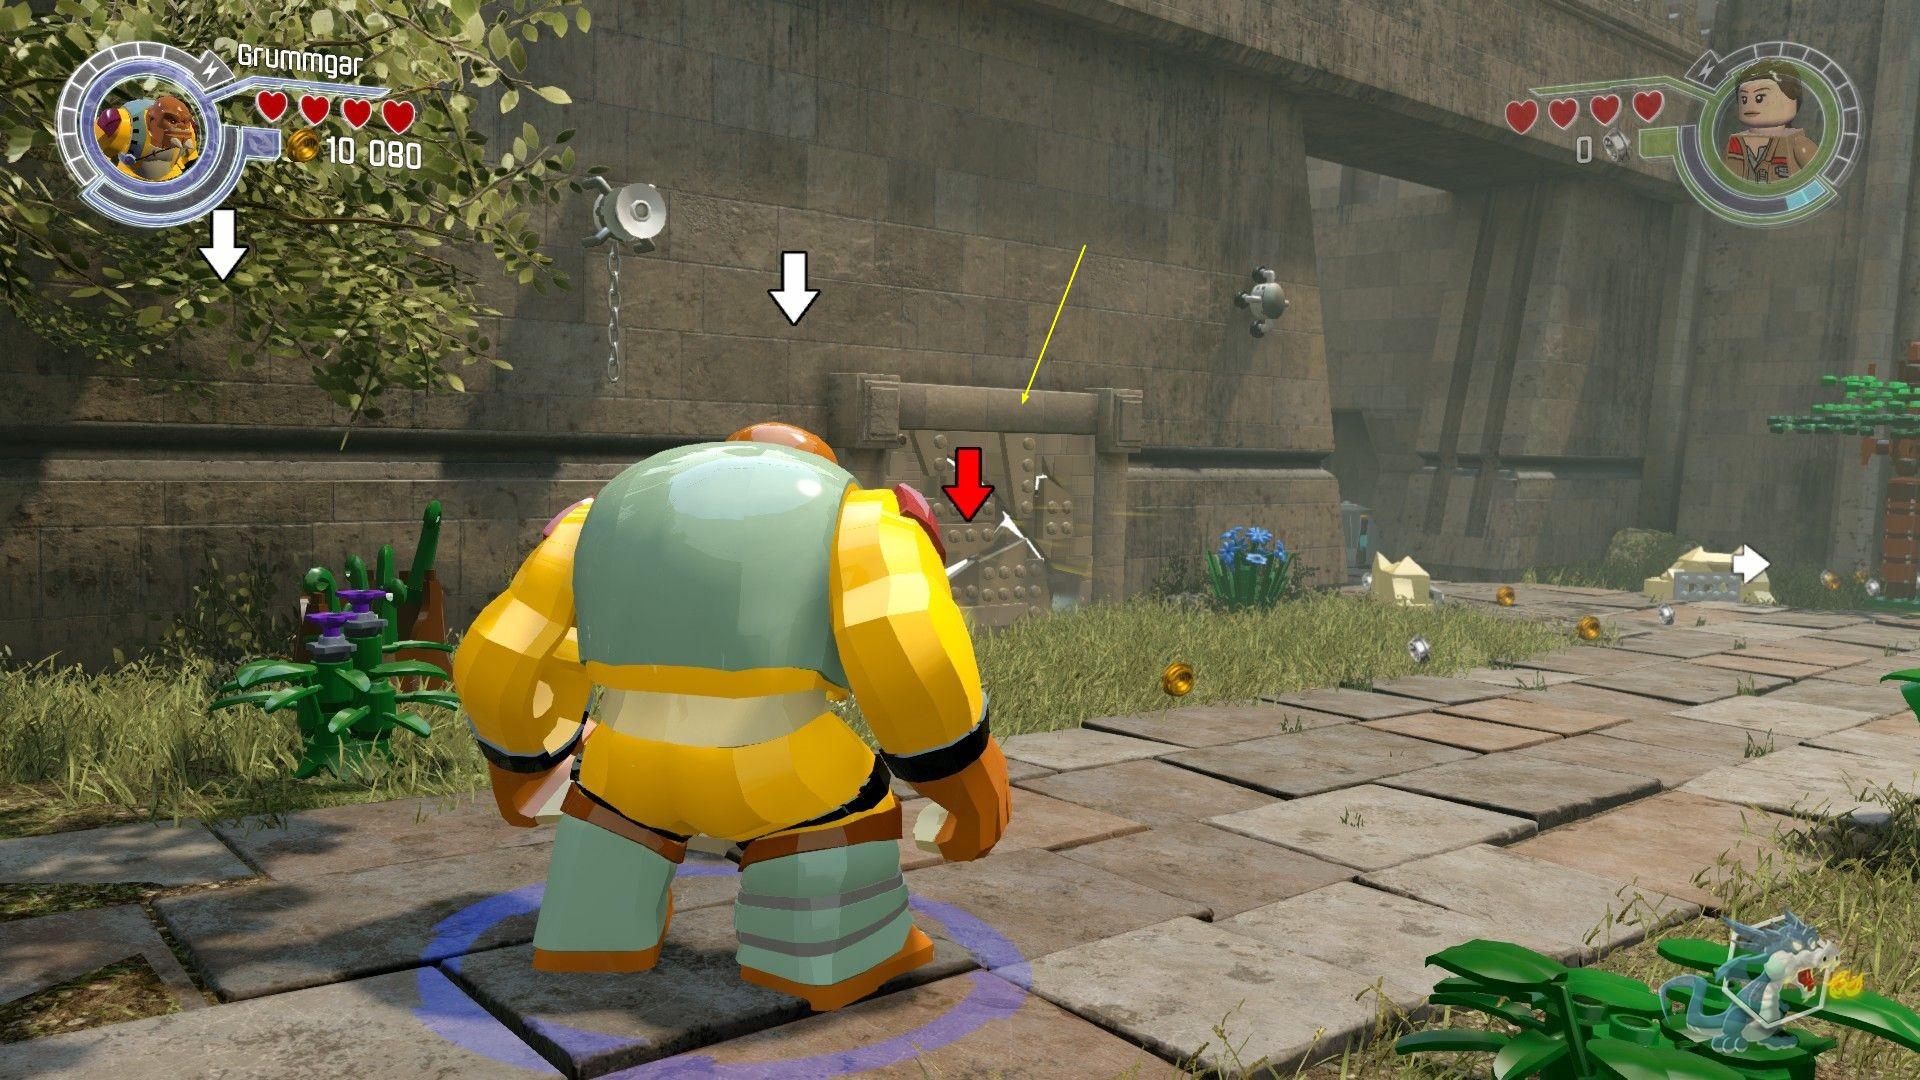 Lego star wars le r veil de la force guide des briques rouges game guide - Lego star wars personnage ...